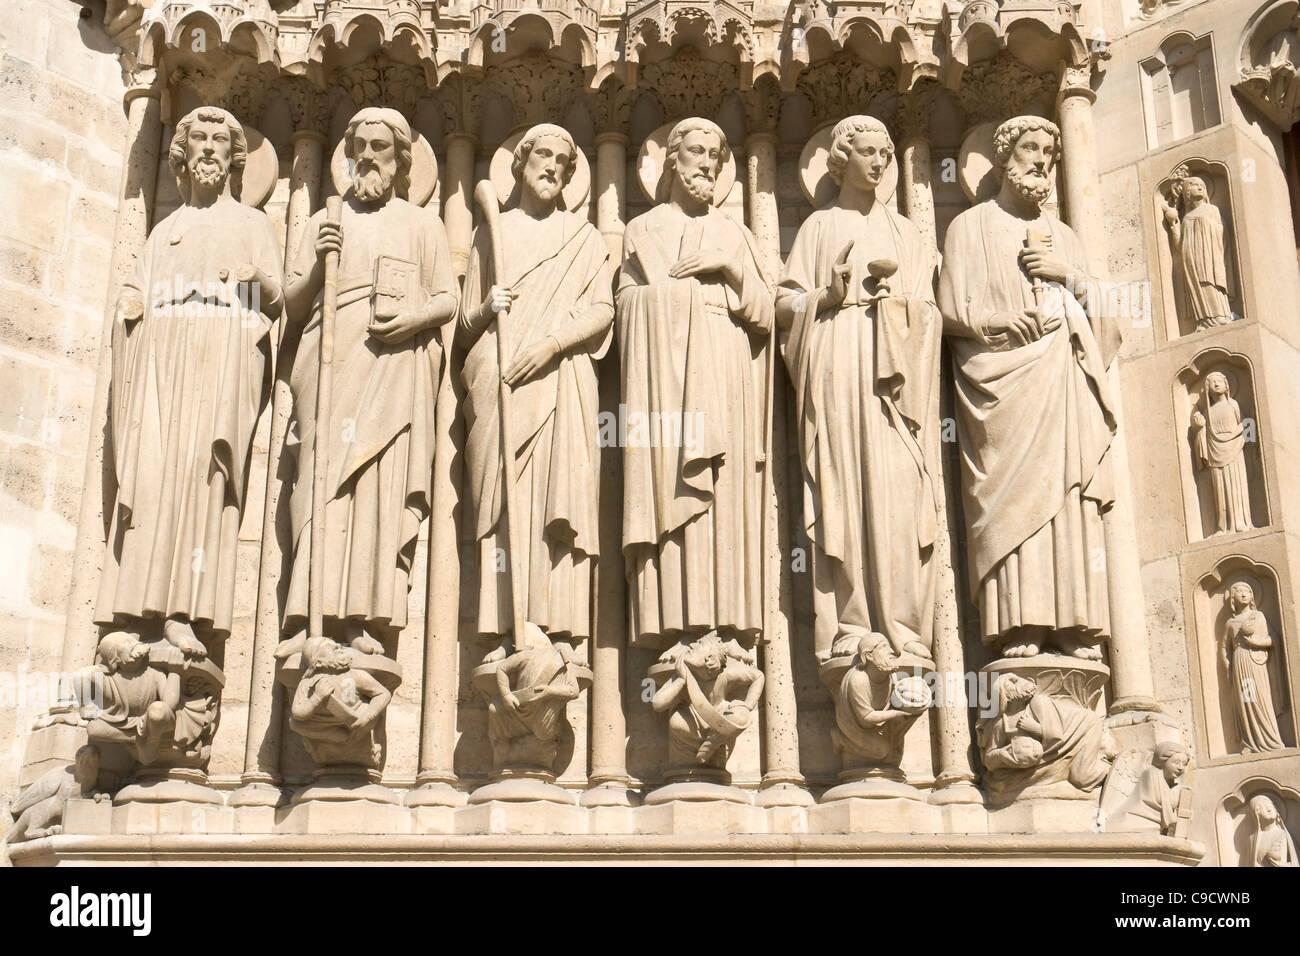 Apostles, Last Judgement portal, Notre-Dame, Paris [...] Stock Photo